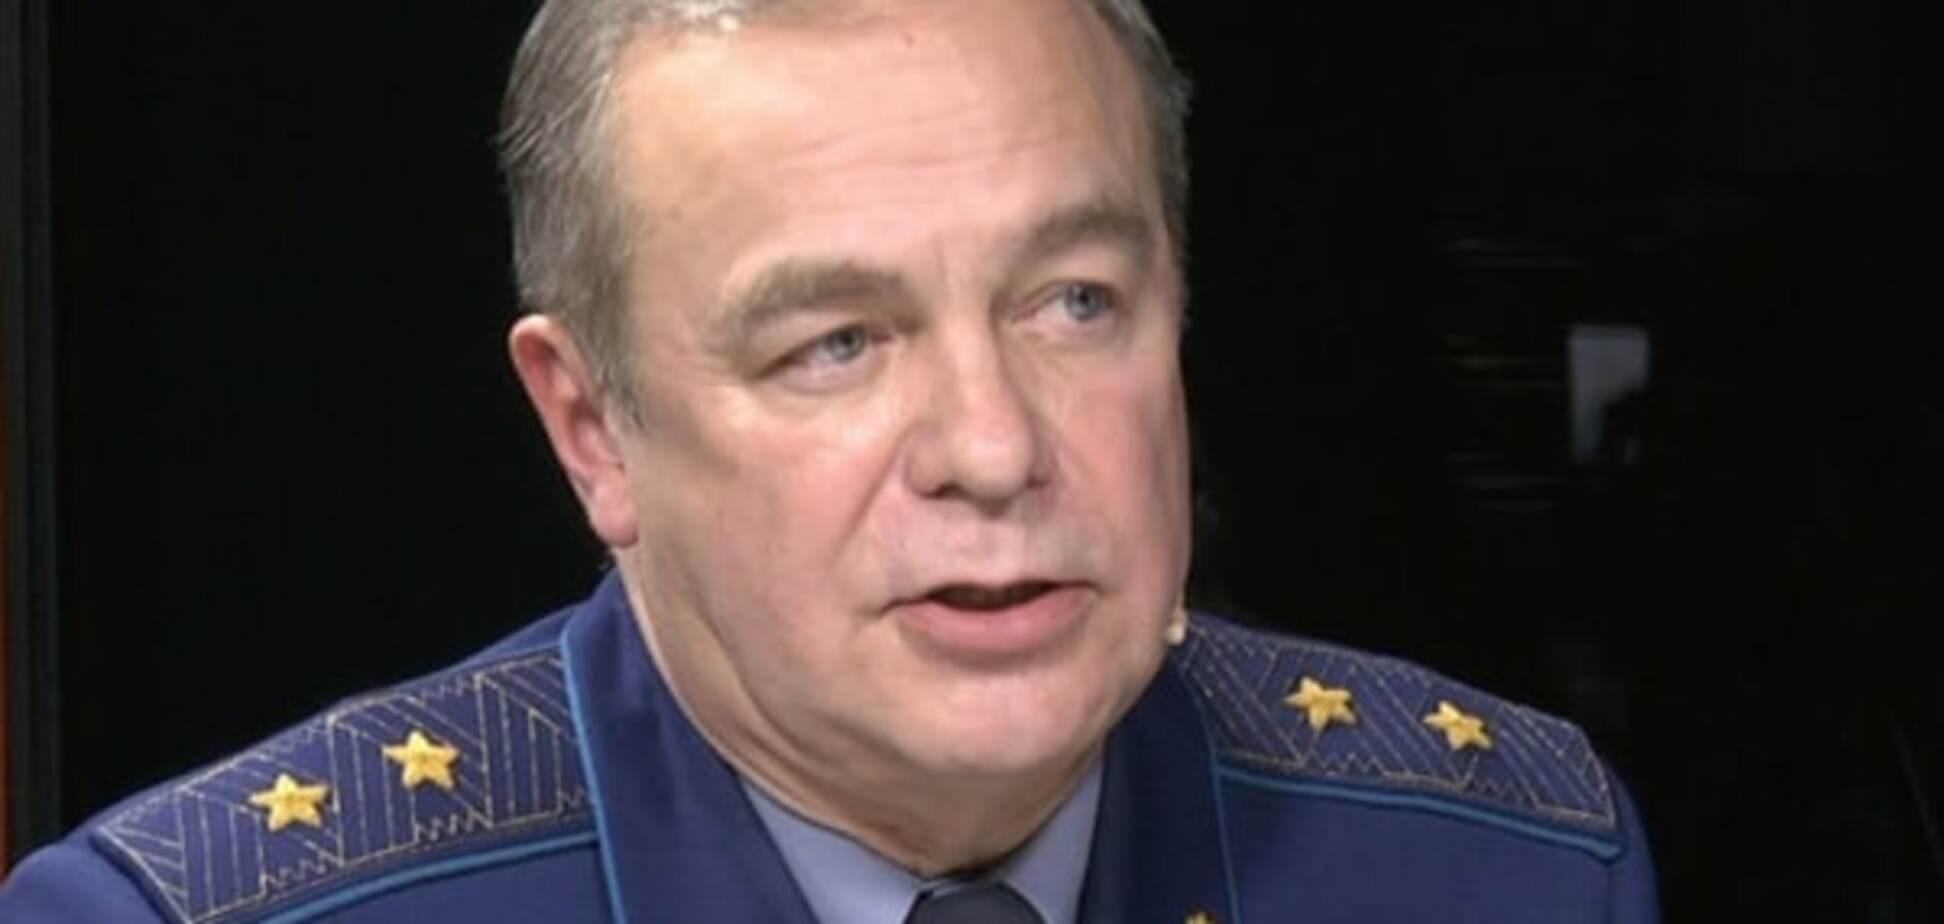 Нехай проковтне і зап'є мінералкою: генерал оцінив реакцію Захарченка на поліцейську місію ОБСЄ